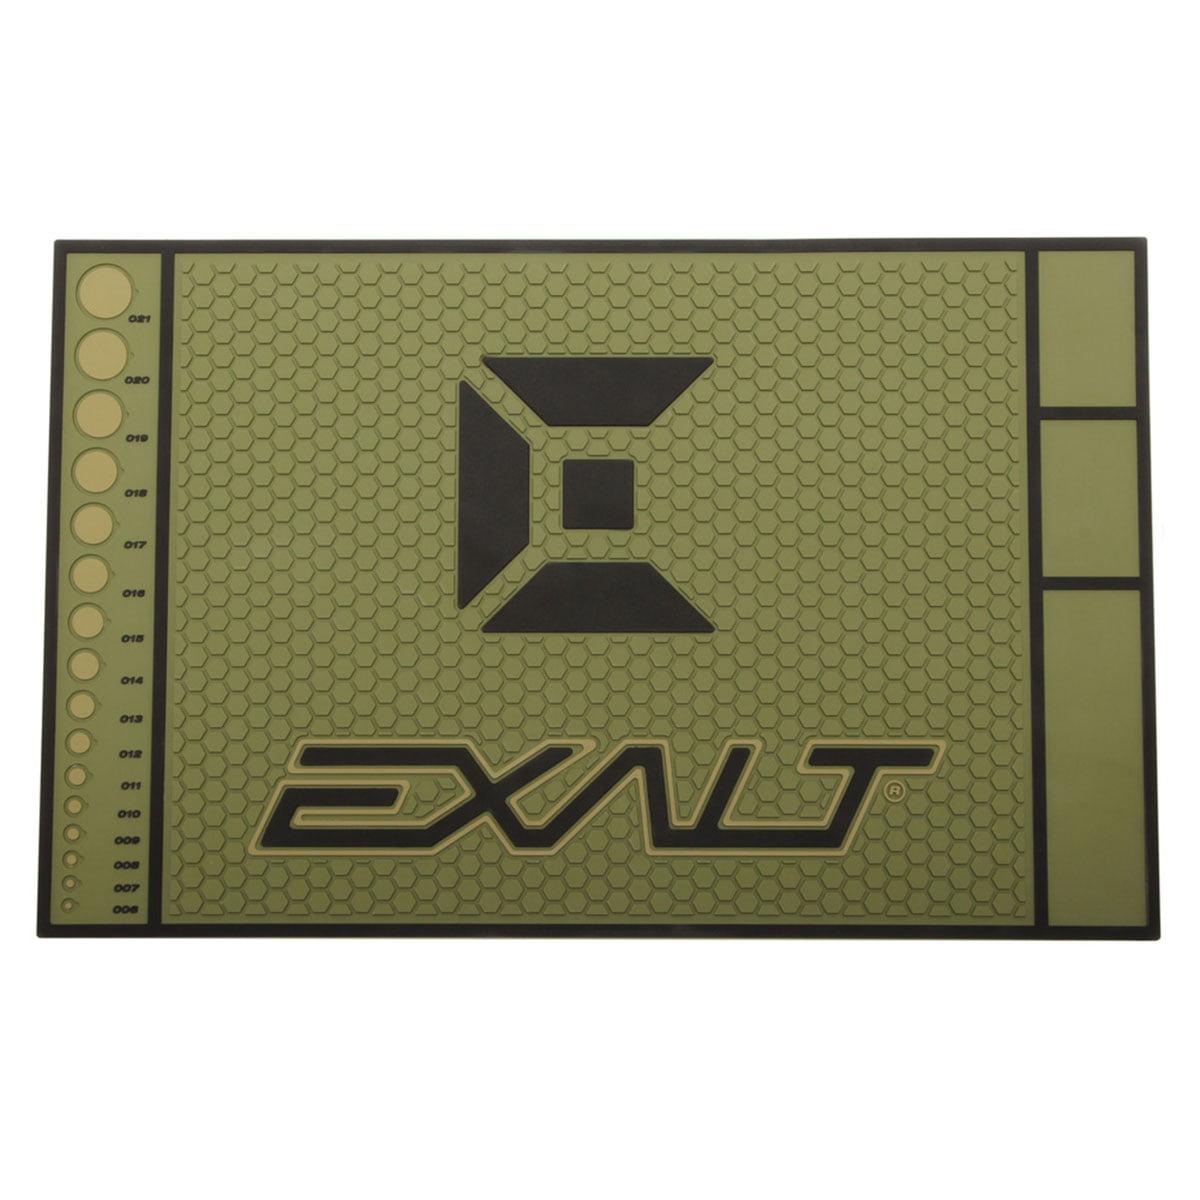 Exalt Paintball HD Rubber Tech Mat Army Olive by Exalt